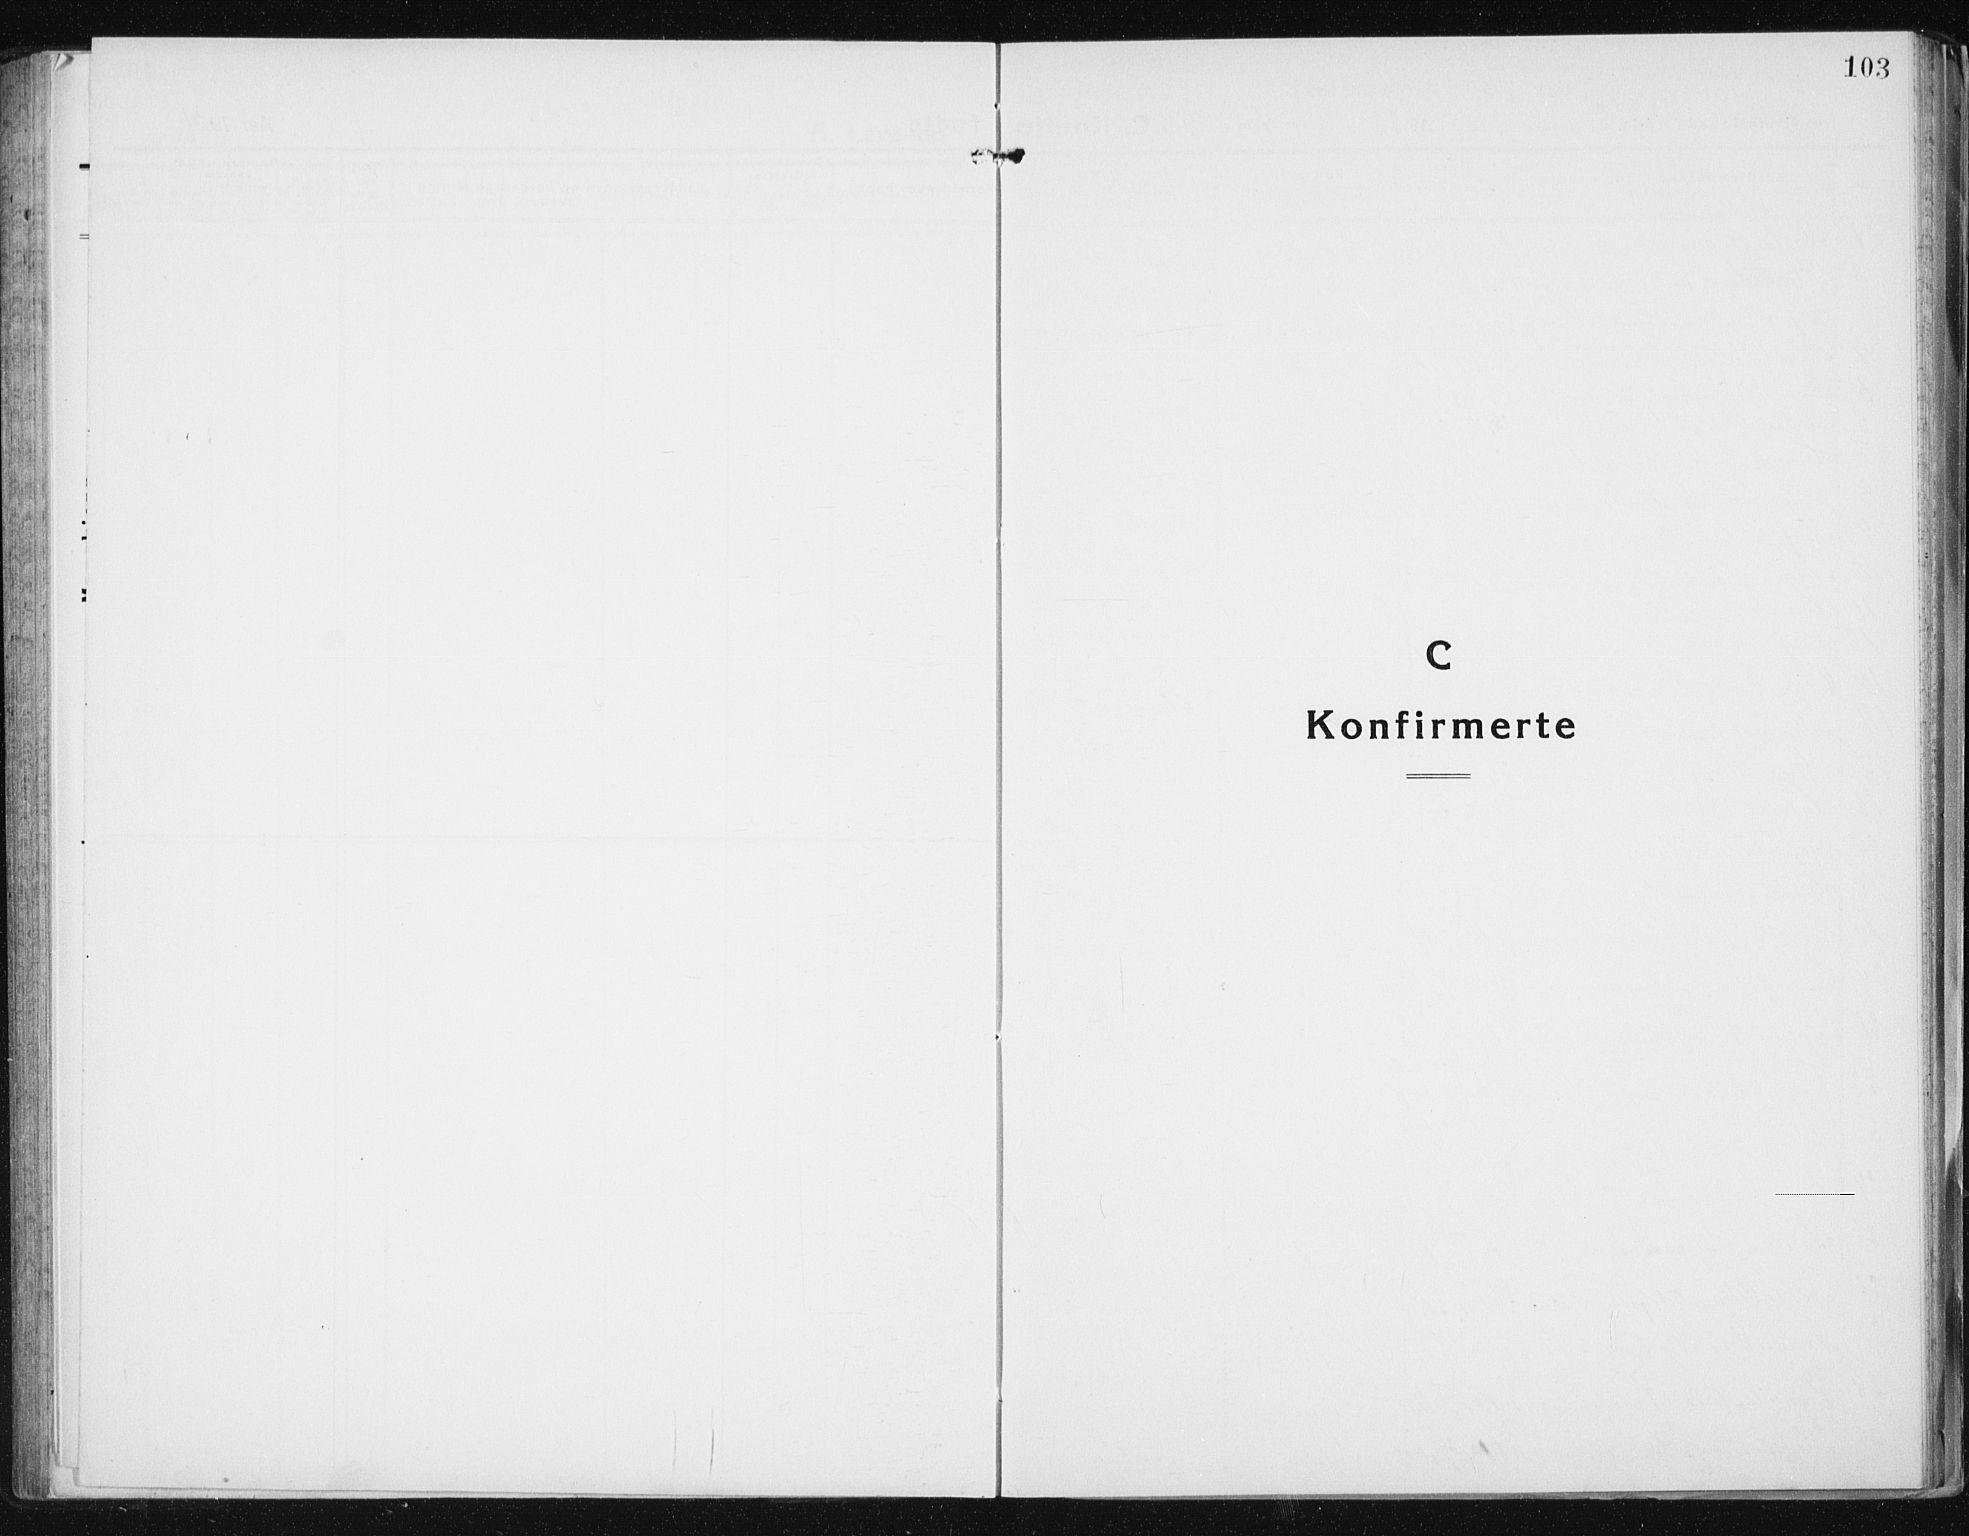 SAT, Ministerialprotokoller, klokkerbøker og fødselsregistre - Sør-Trøndelag, 640/L0589: Klokkerbok nr. 640C06, 1922-1934, s. 103